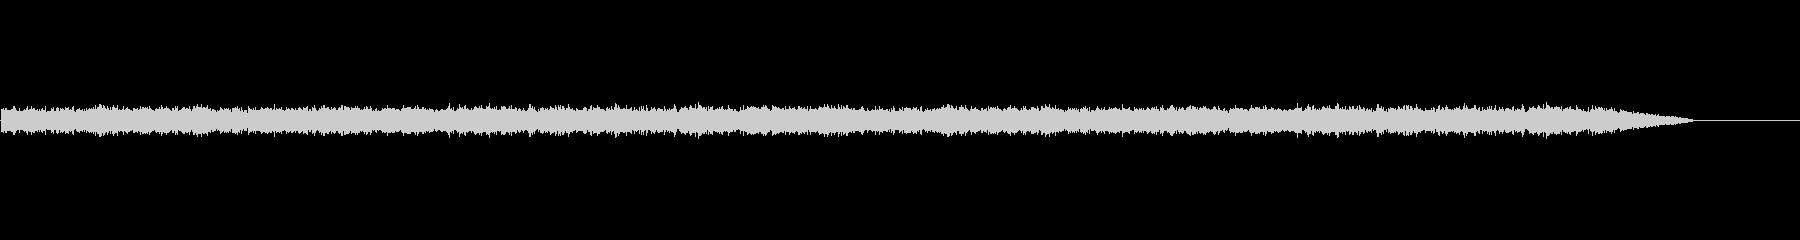 アラームエレベーター;ハイピッチブ...の未再生の波形